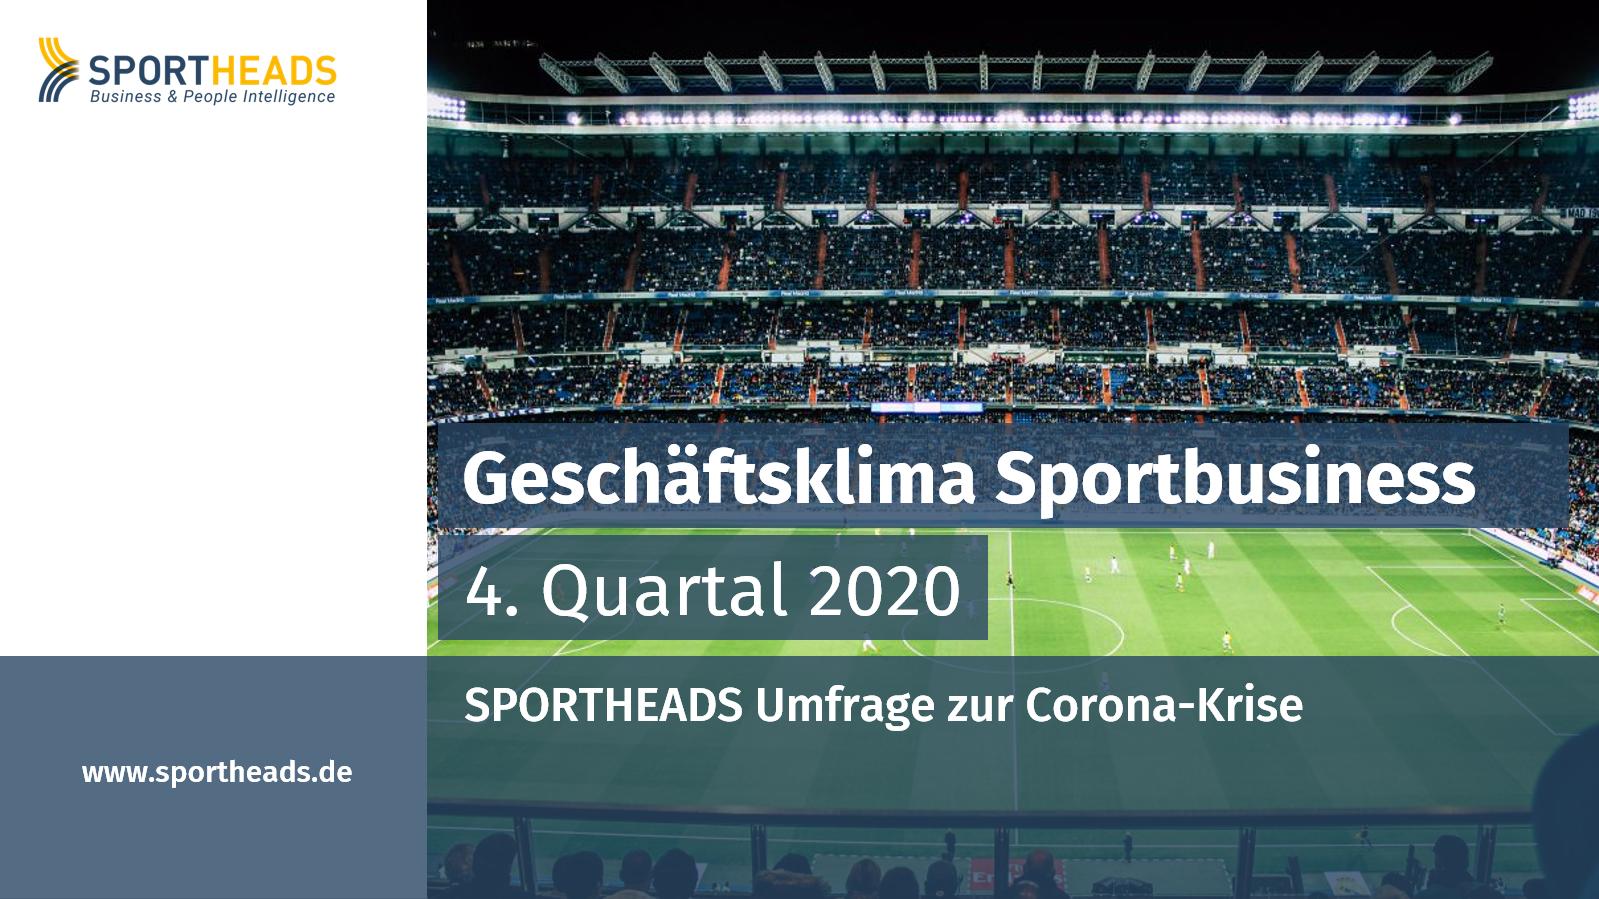 Geschäftsklima Sportbusiness (Q4 2020)